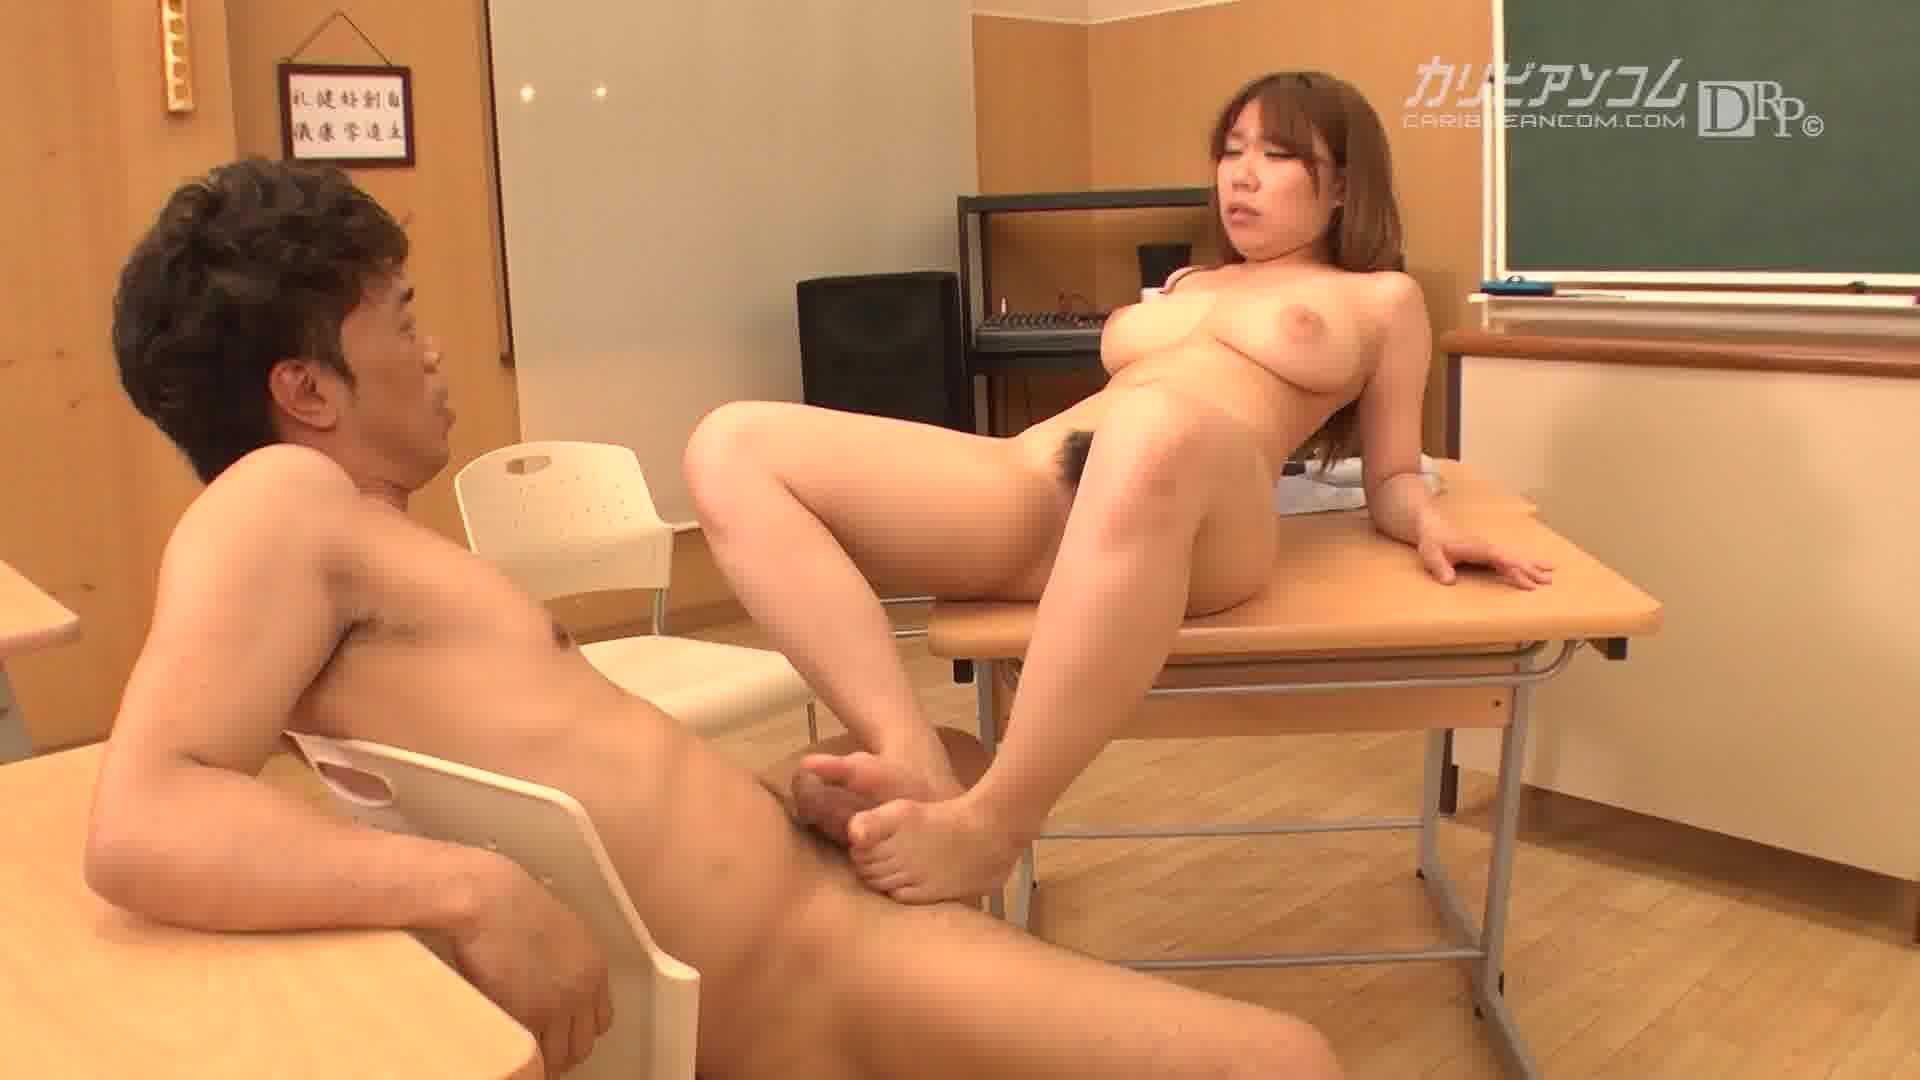 美爆乳いろは先生のHな相談 - 鈴村いろは【巨乳・女教師・パイズリ】